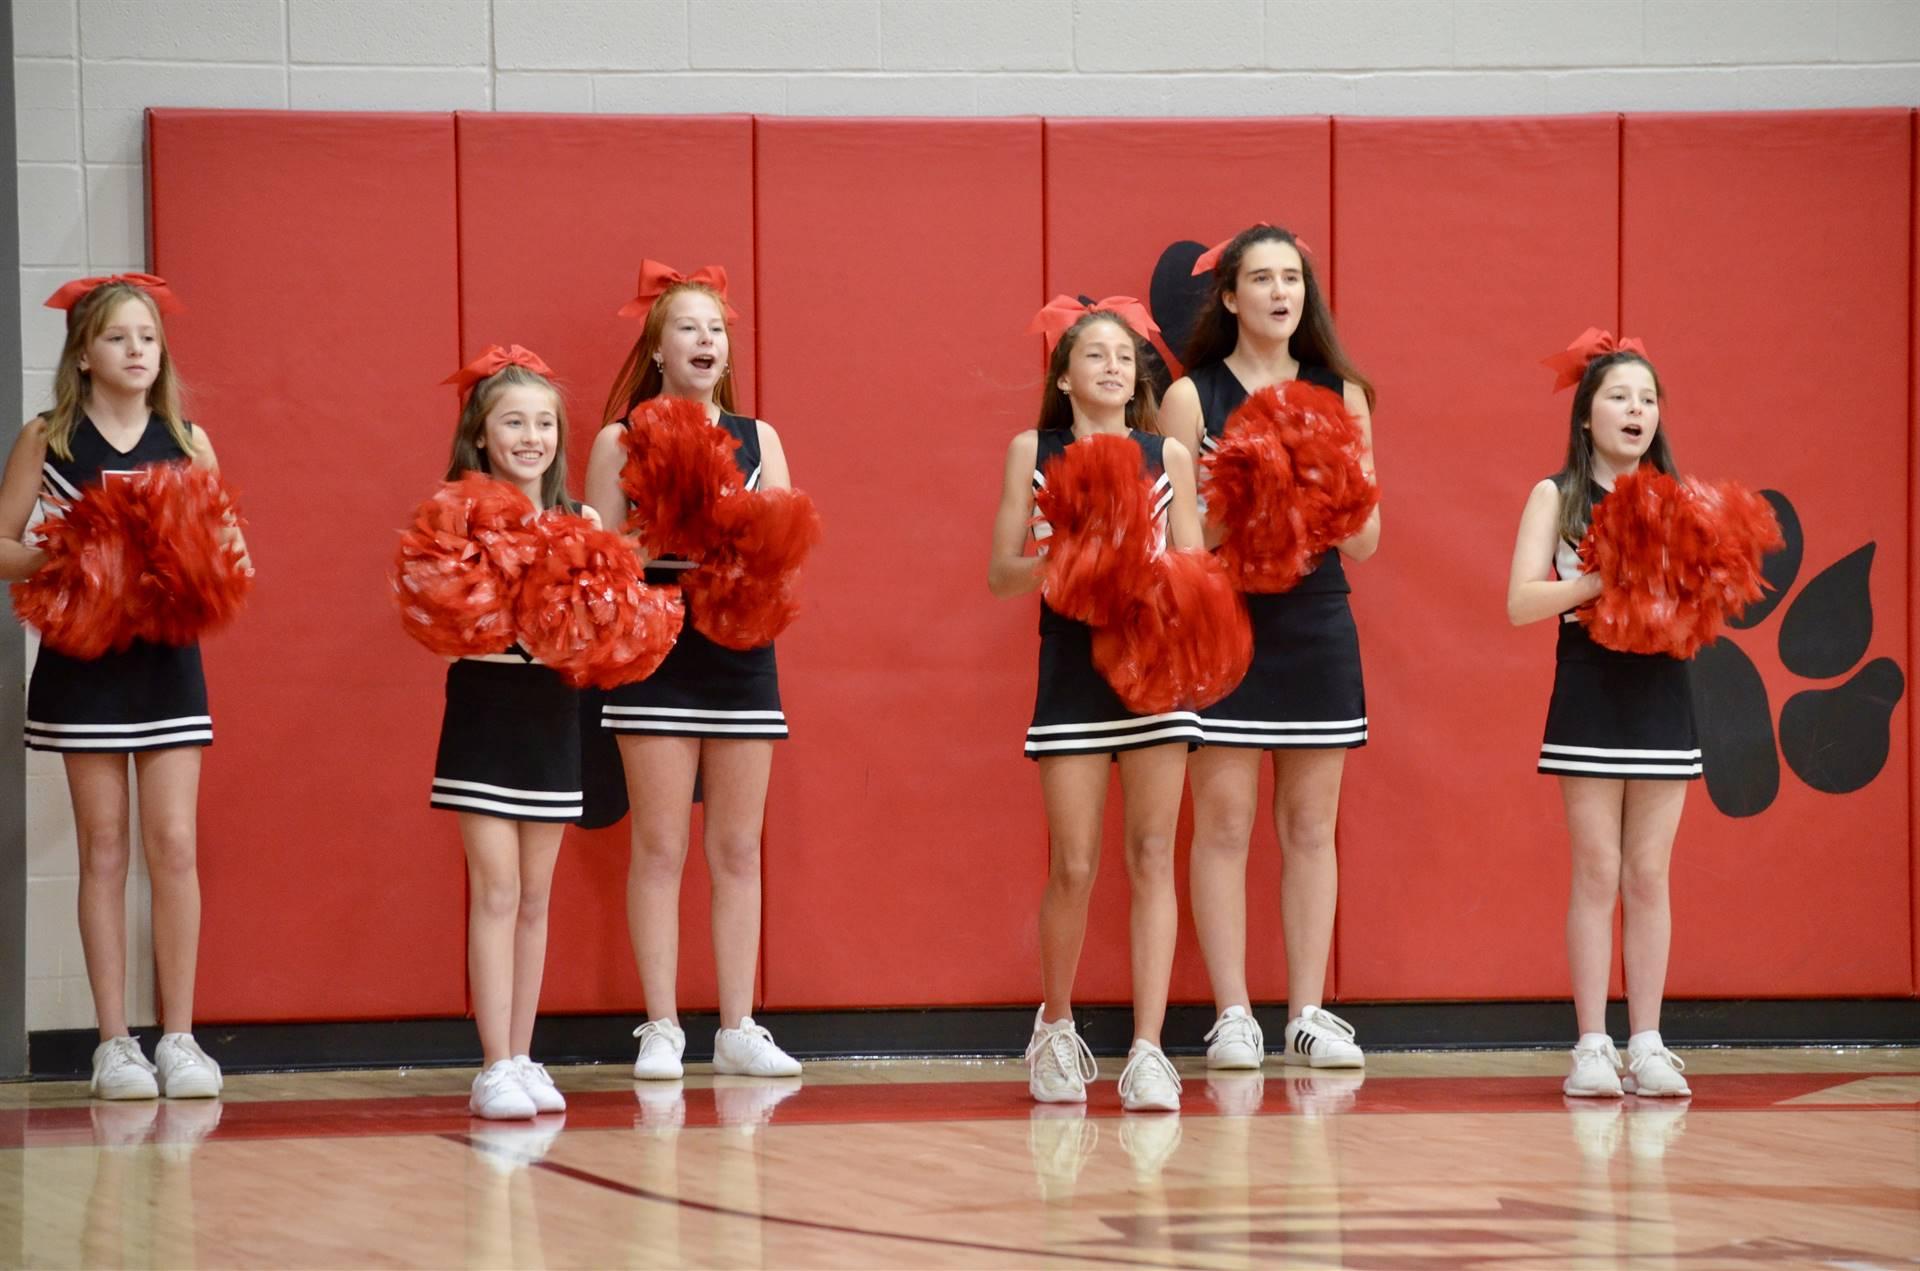 cheering at basketball game